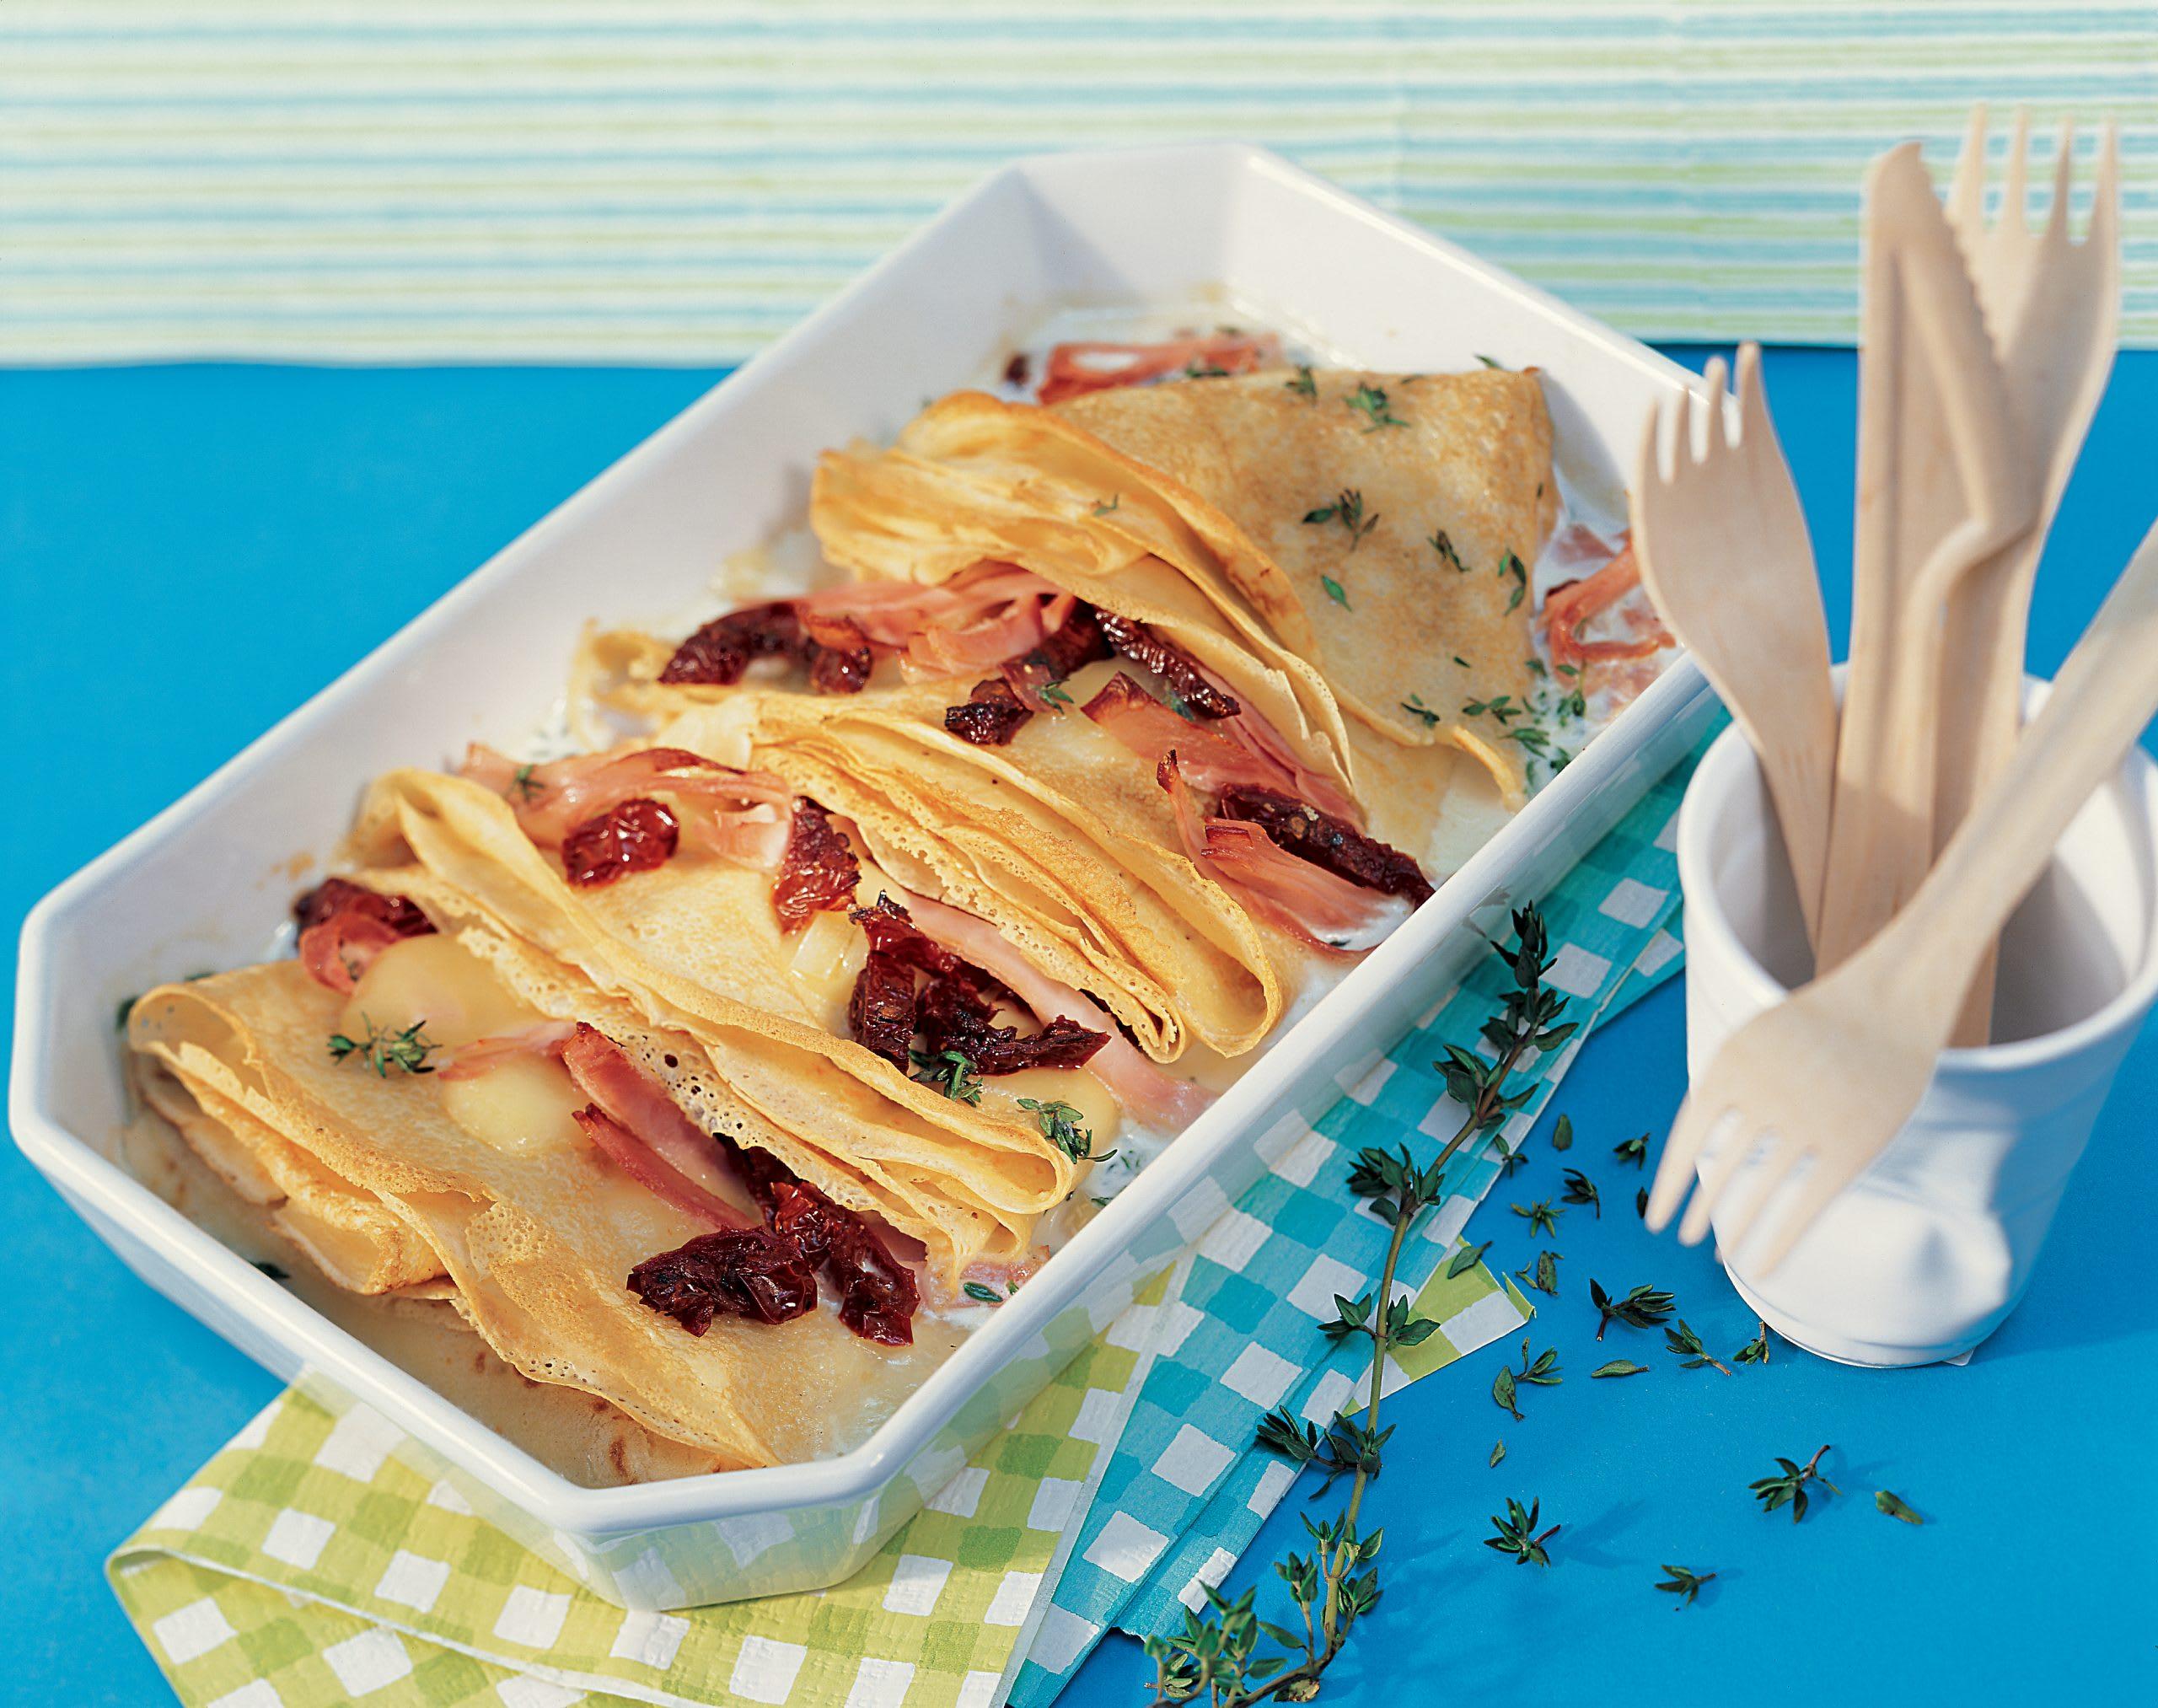 Crêpes gratinées au jambon et au fromage